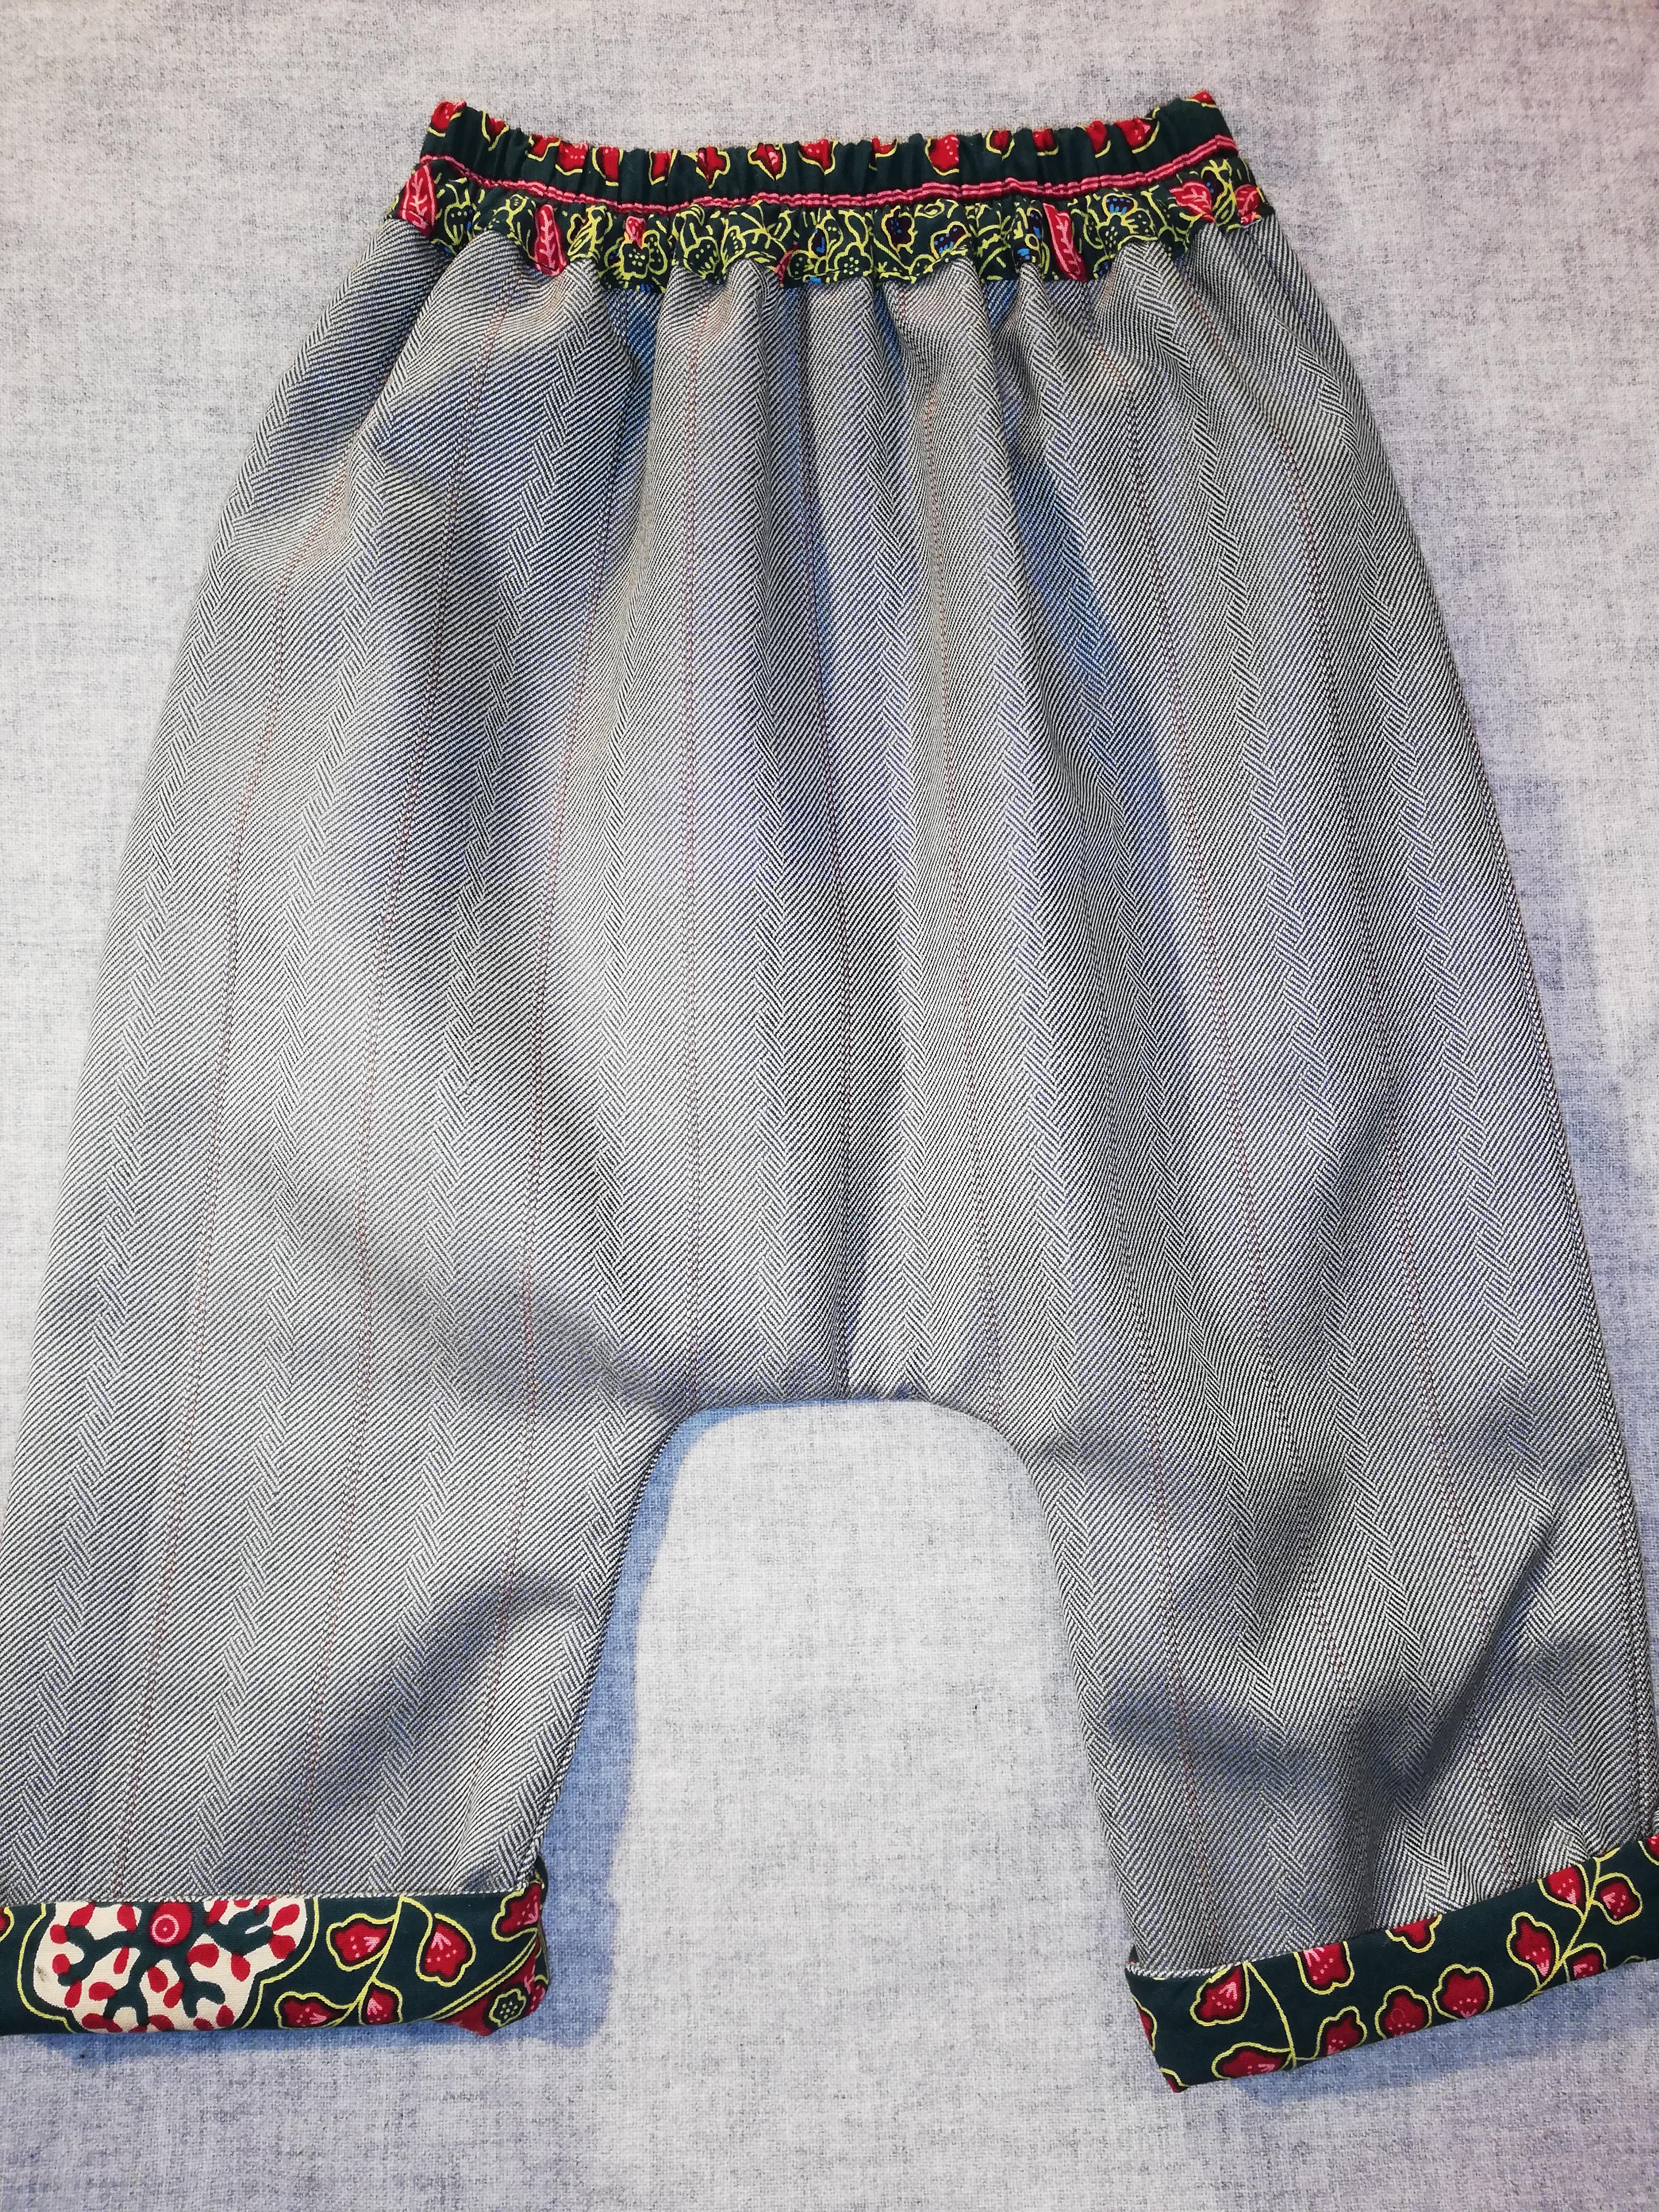 Couvrent Les Pantalons pour la Randonn/ée lescalade Gu/êtres la Marche /à Pied PREUP pour Le Plein Air la Marche dans la Neige la Chasse 1 Paire ML Leggings